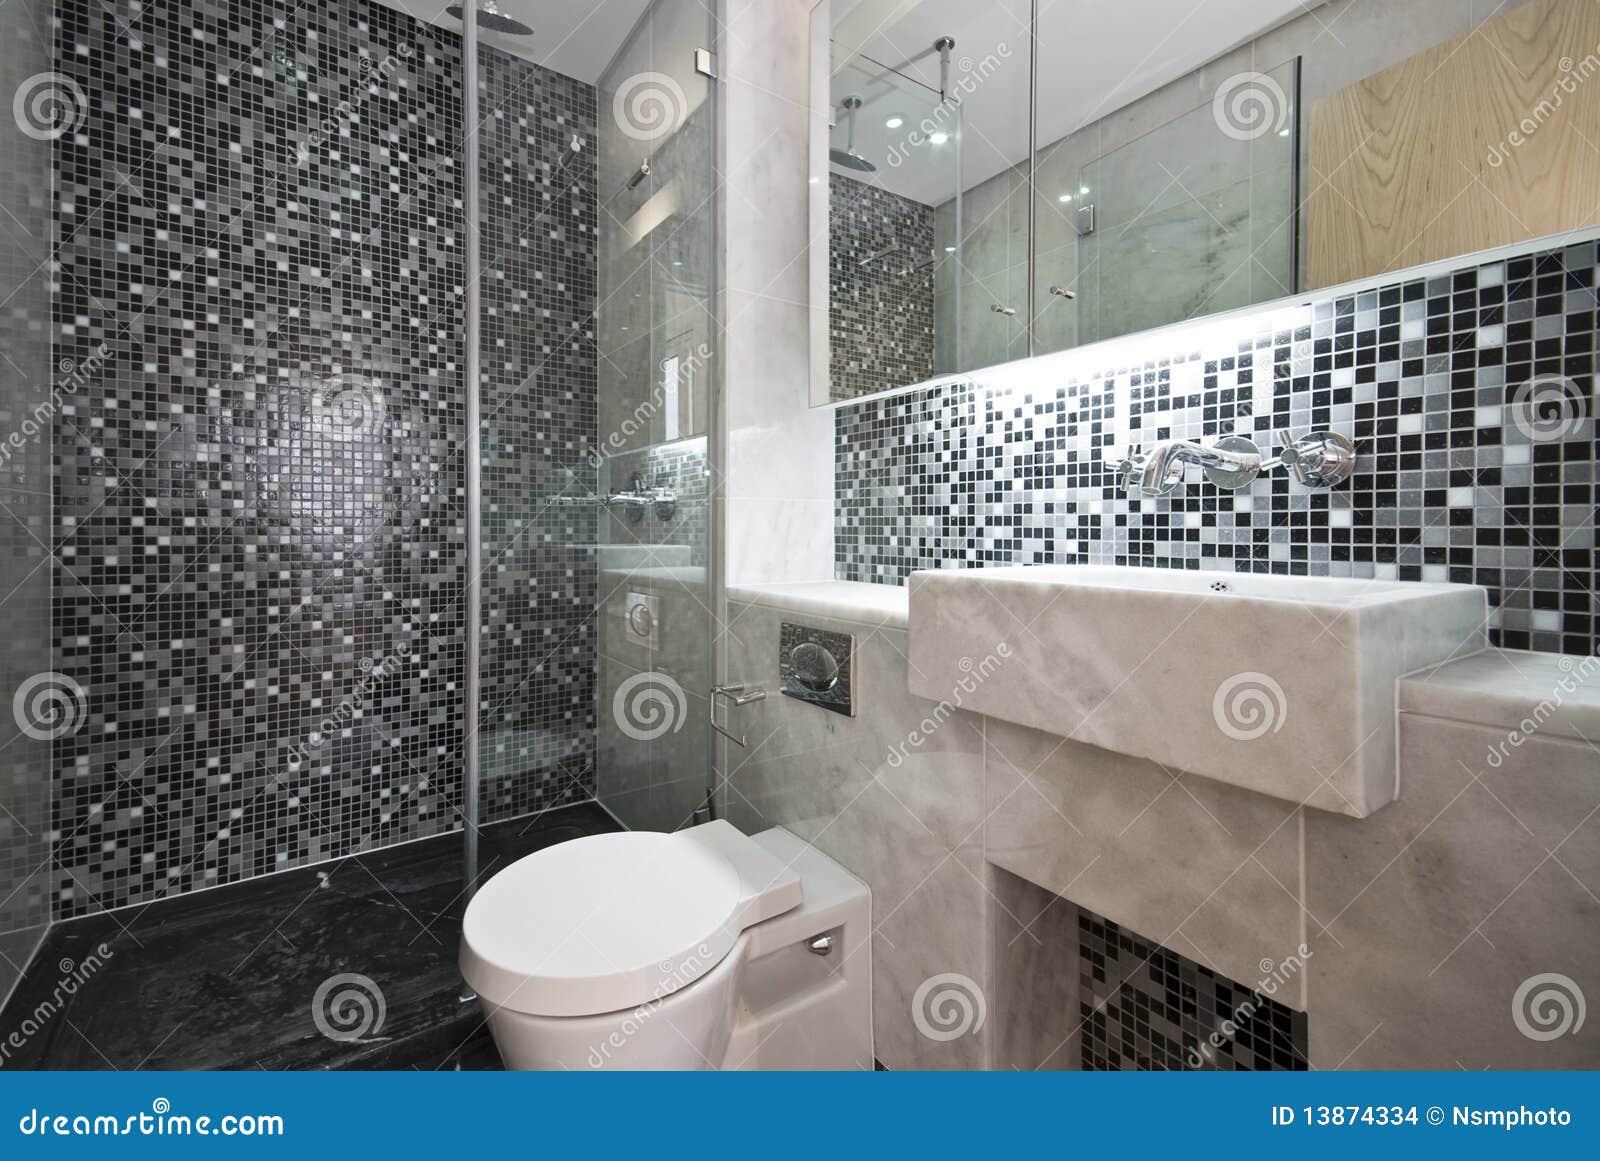 Imagens de #746657 banheiro moderno em preto e branco com mosaico telhou paredes e a  1300x960 px 3726 Banheiros Planejados Preto E Branco